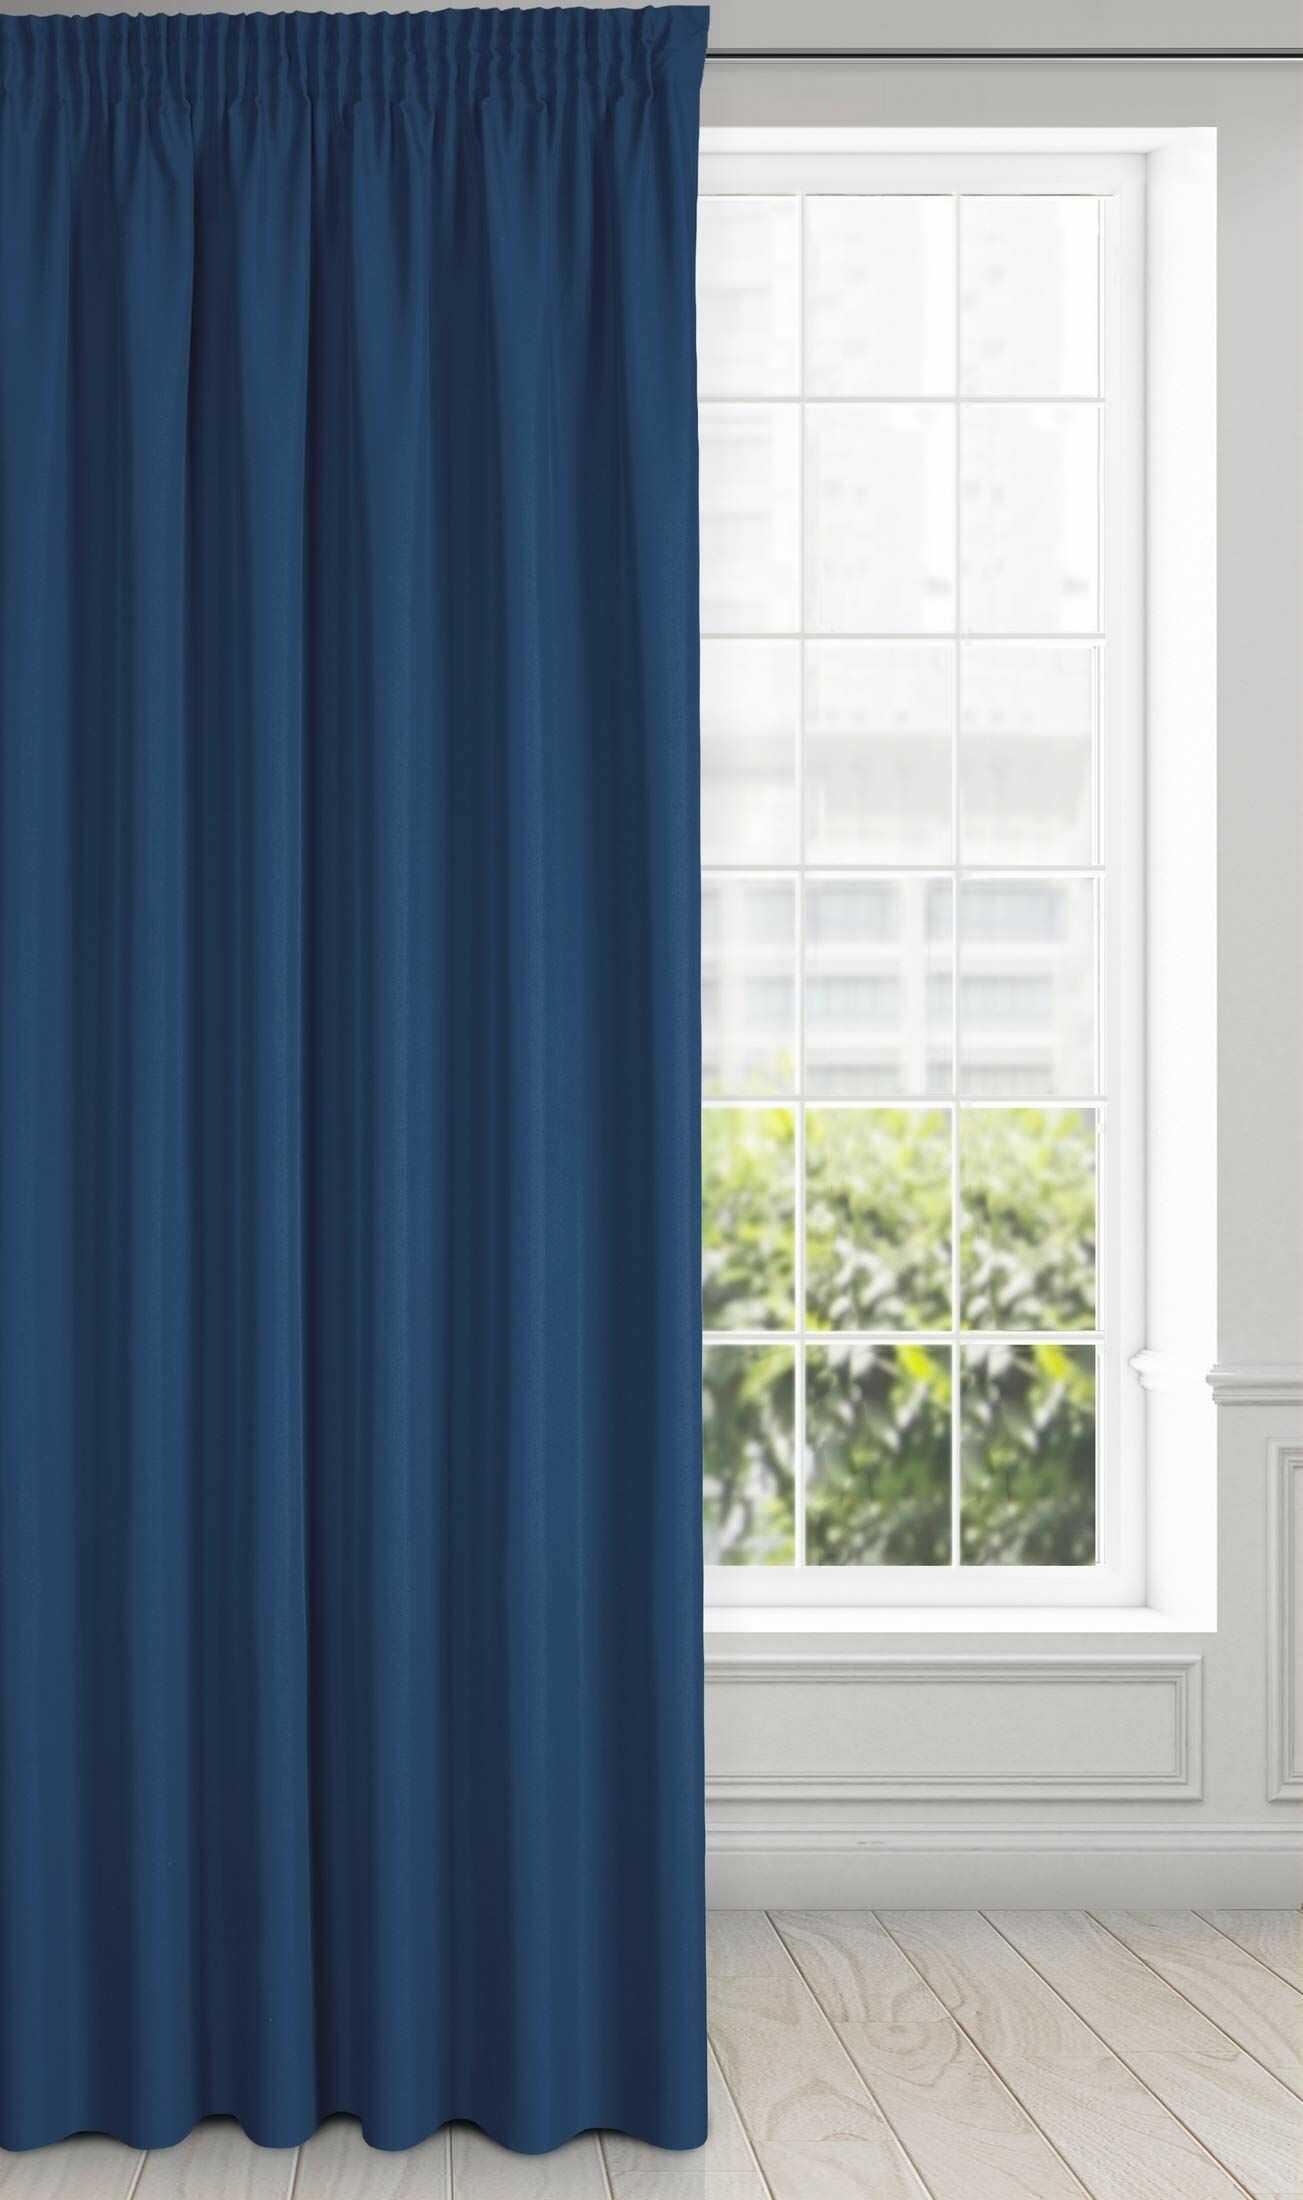 Eurofirany Rita zasłona gładka, prosta jednokolorowa  taśma marszczona nowoczesna sypialnia salon pokój dziecięcy 1 sztuka pojedyncza poliester, ciemnoniebieski, 140 x 270 cm